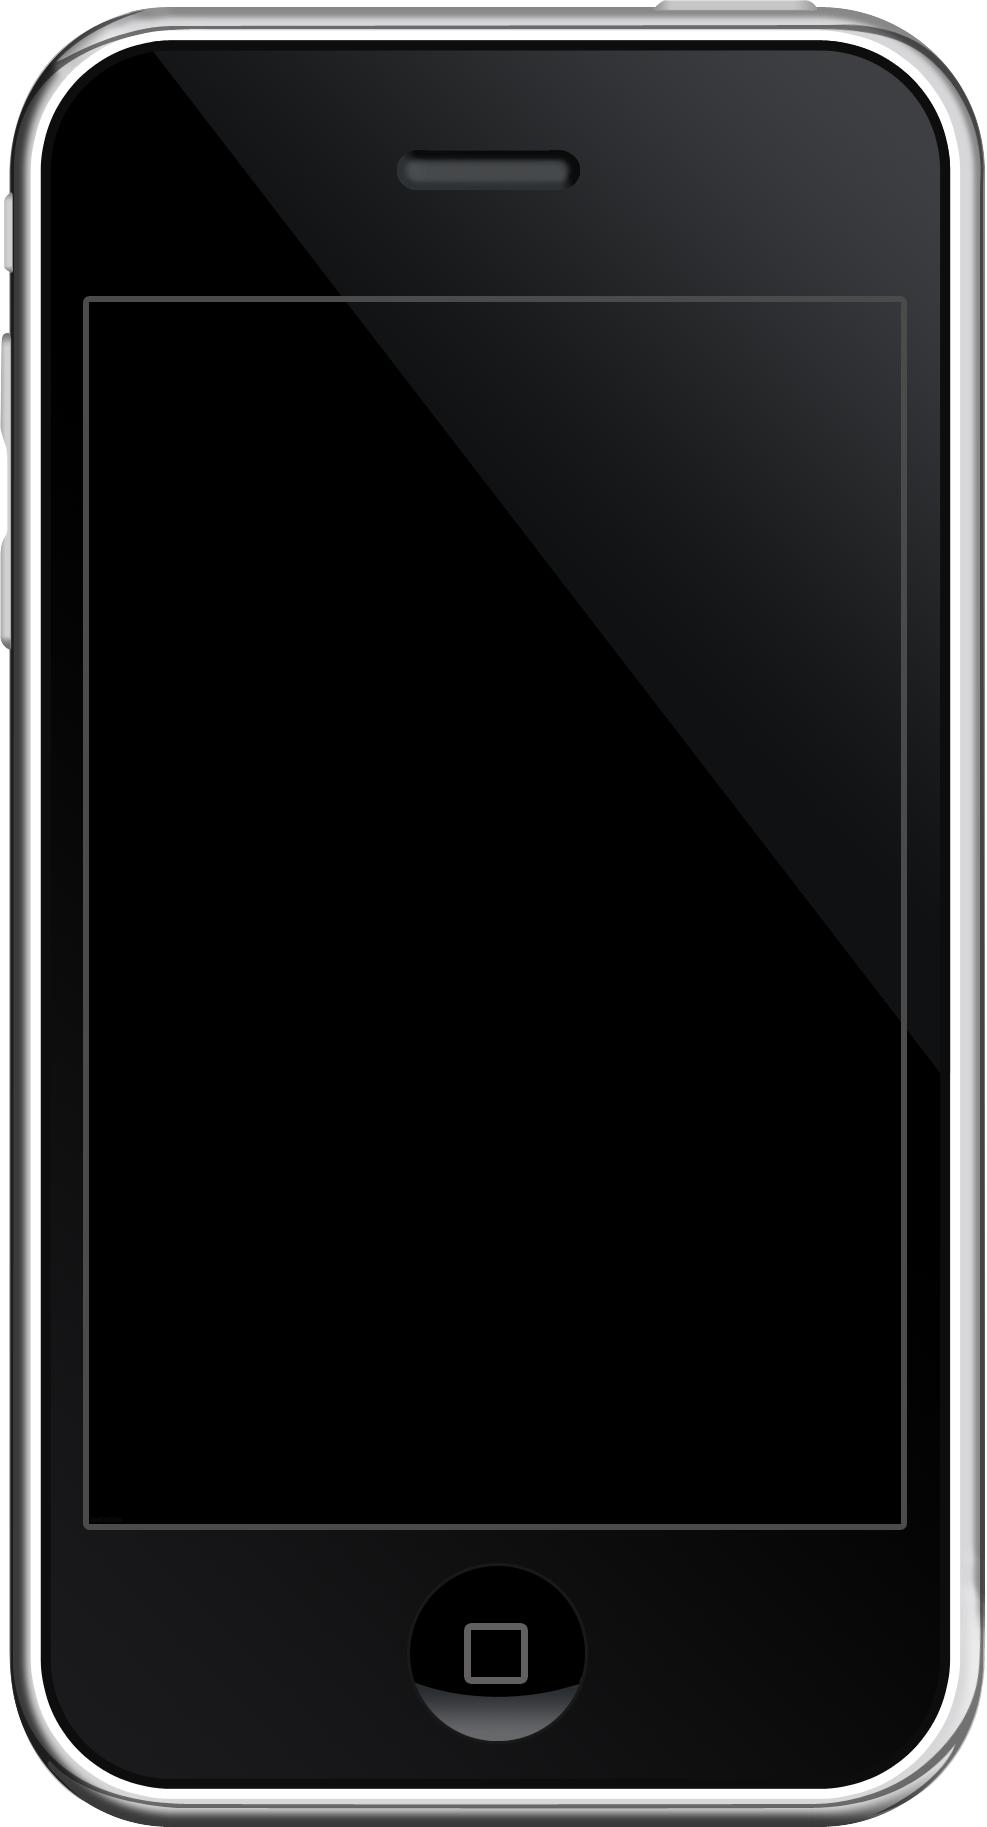 Riparazione iPhone - Unitech Lab Torino - garanzia sulle riparazioni